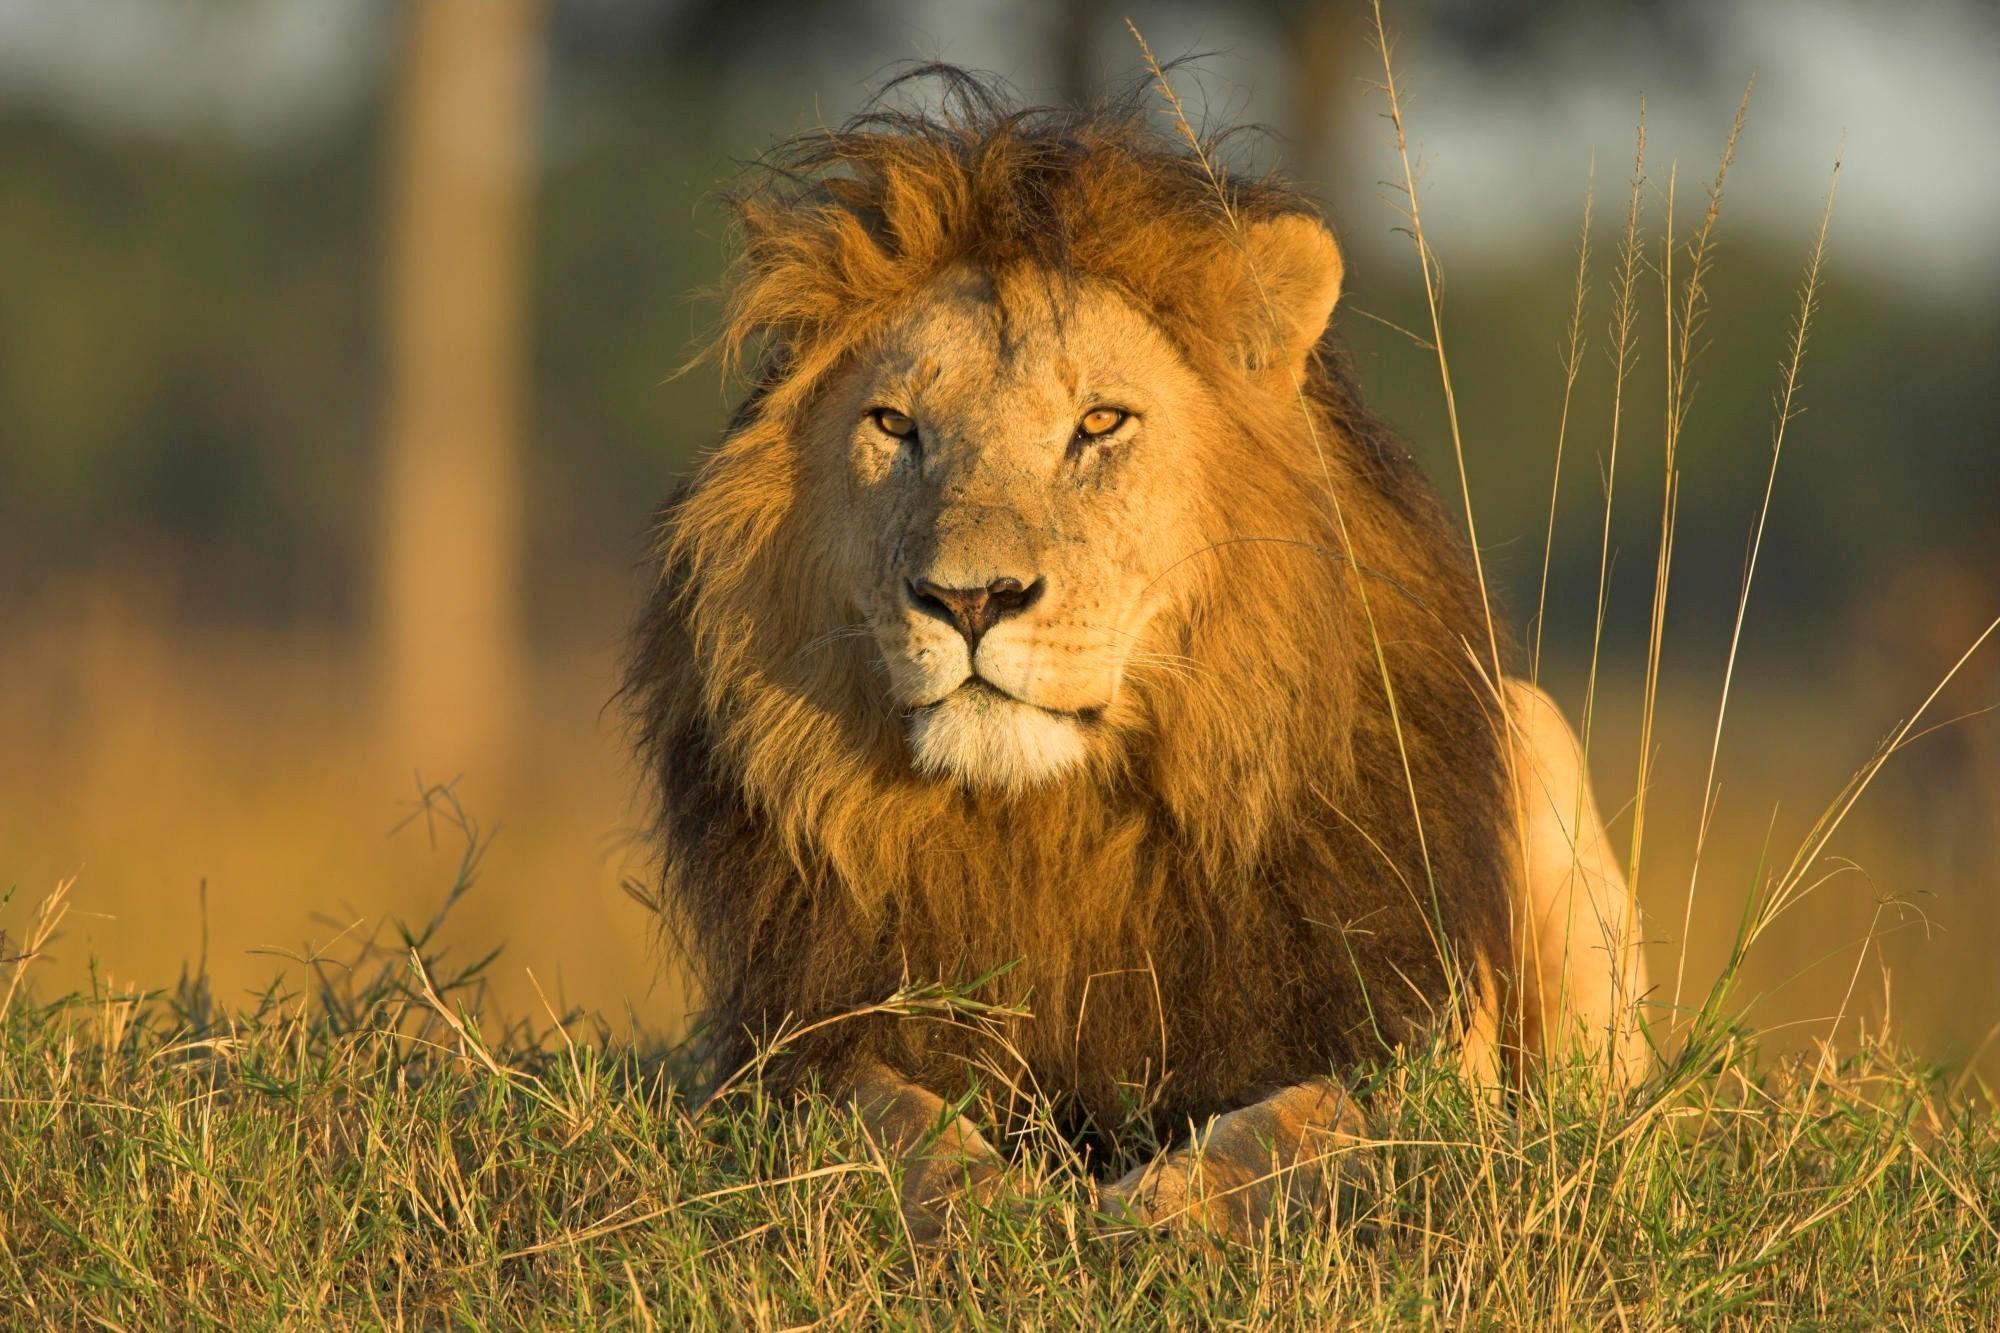 Lion Ke Wallpaper Hd , HD Wallpaper & Backgrounds